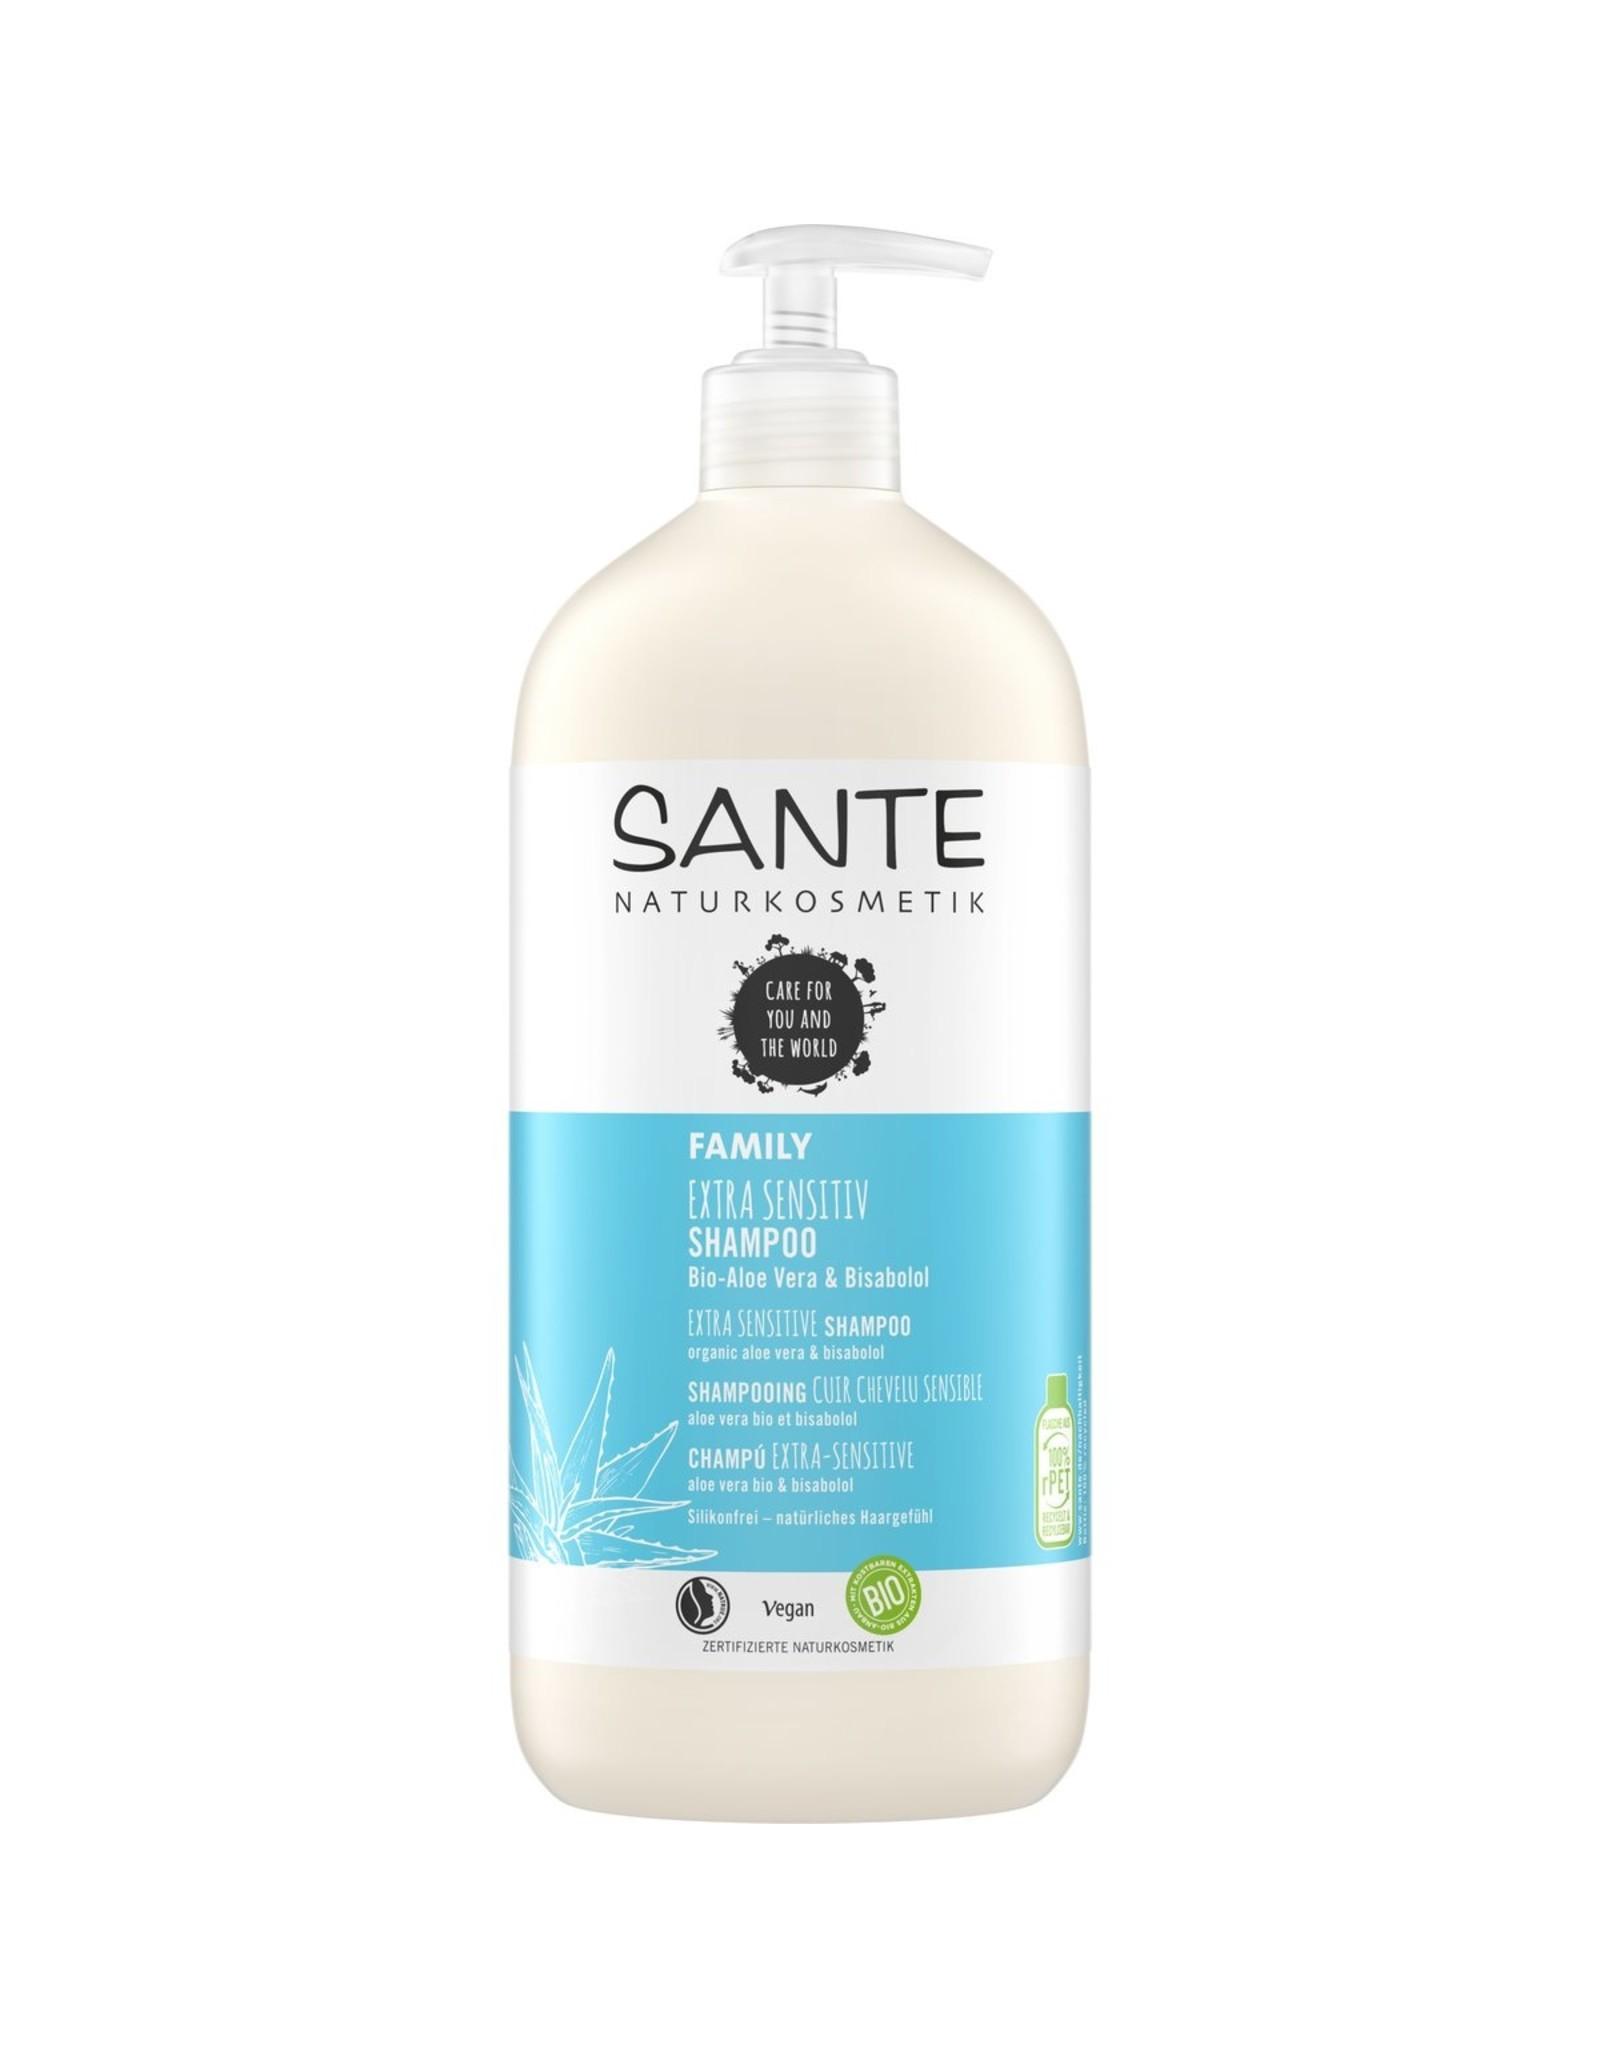 SANTE Family Extra Sensitiv Shampoo Bio-Aloe Vera & Bisabolol 950ml